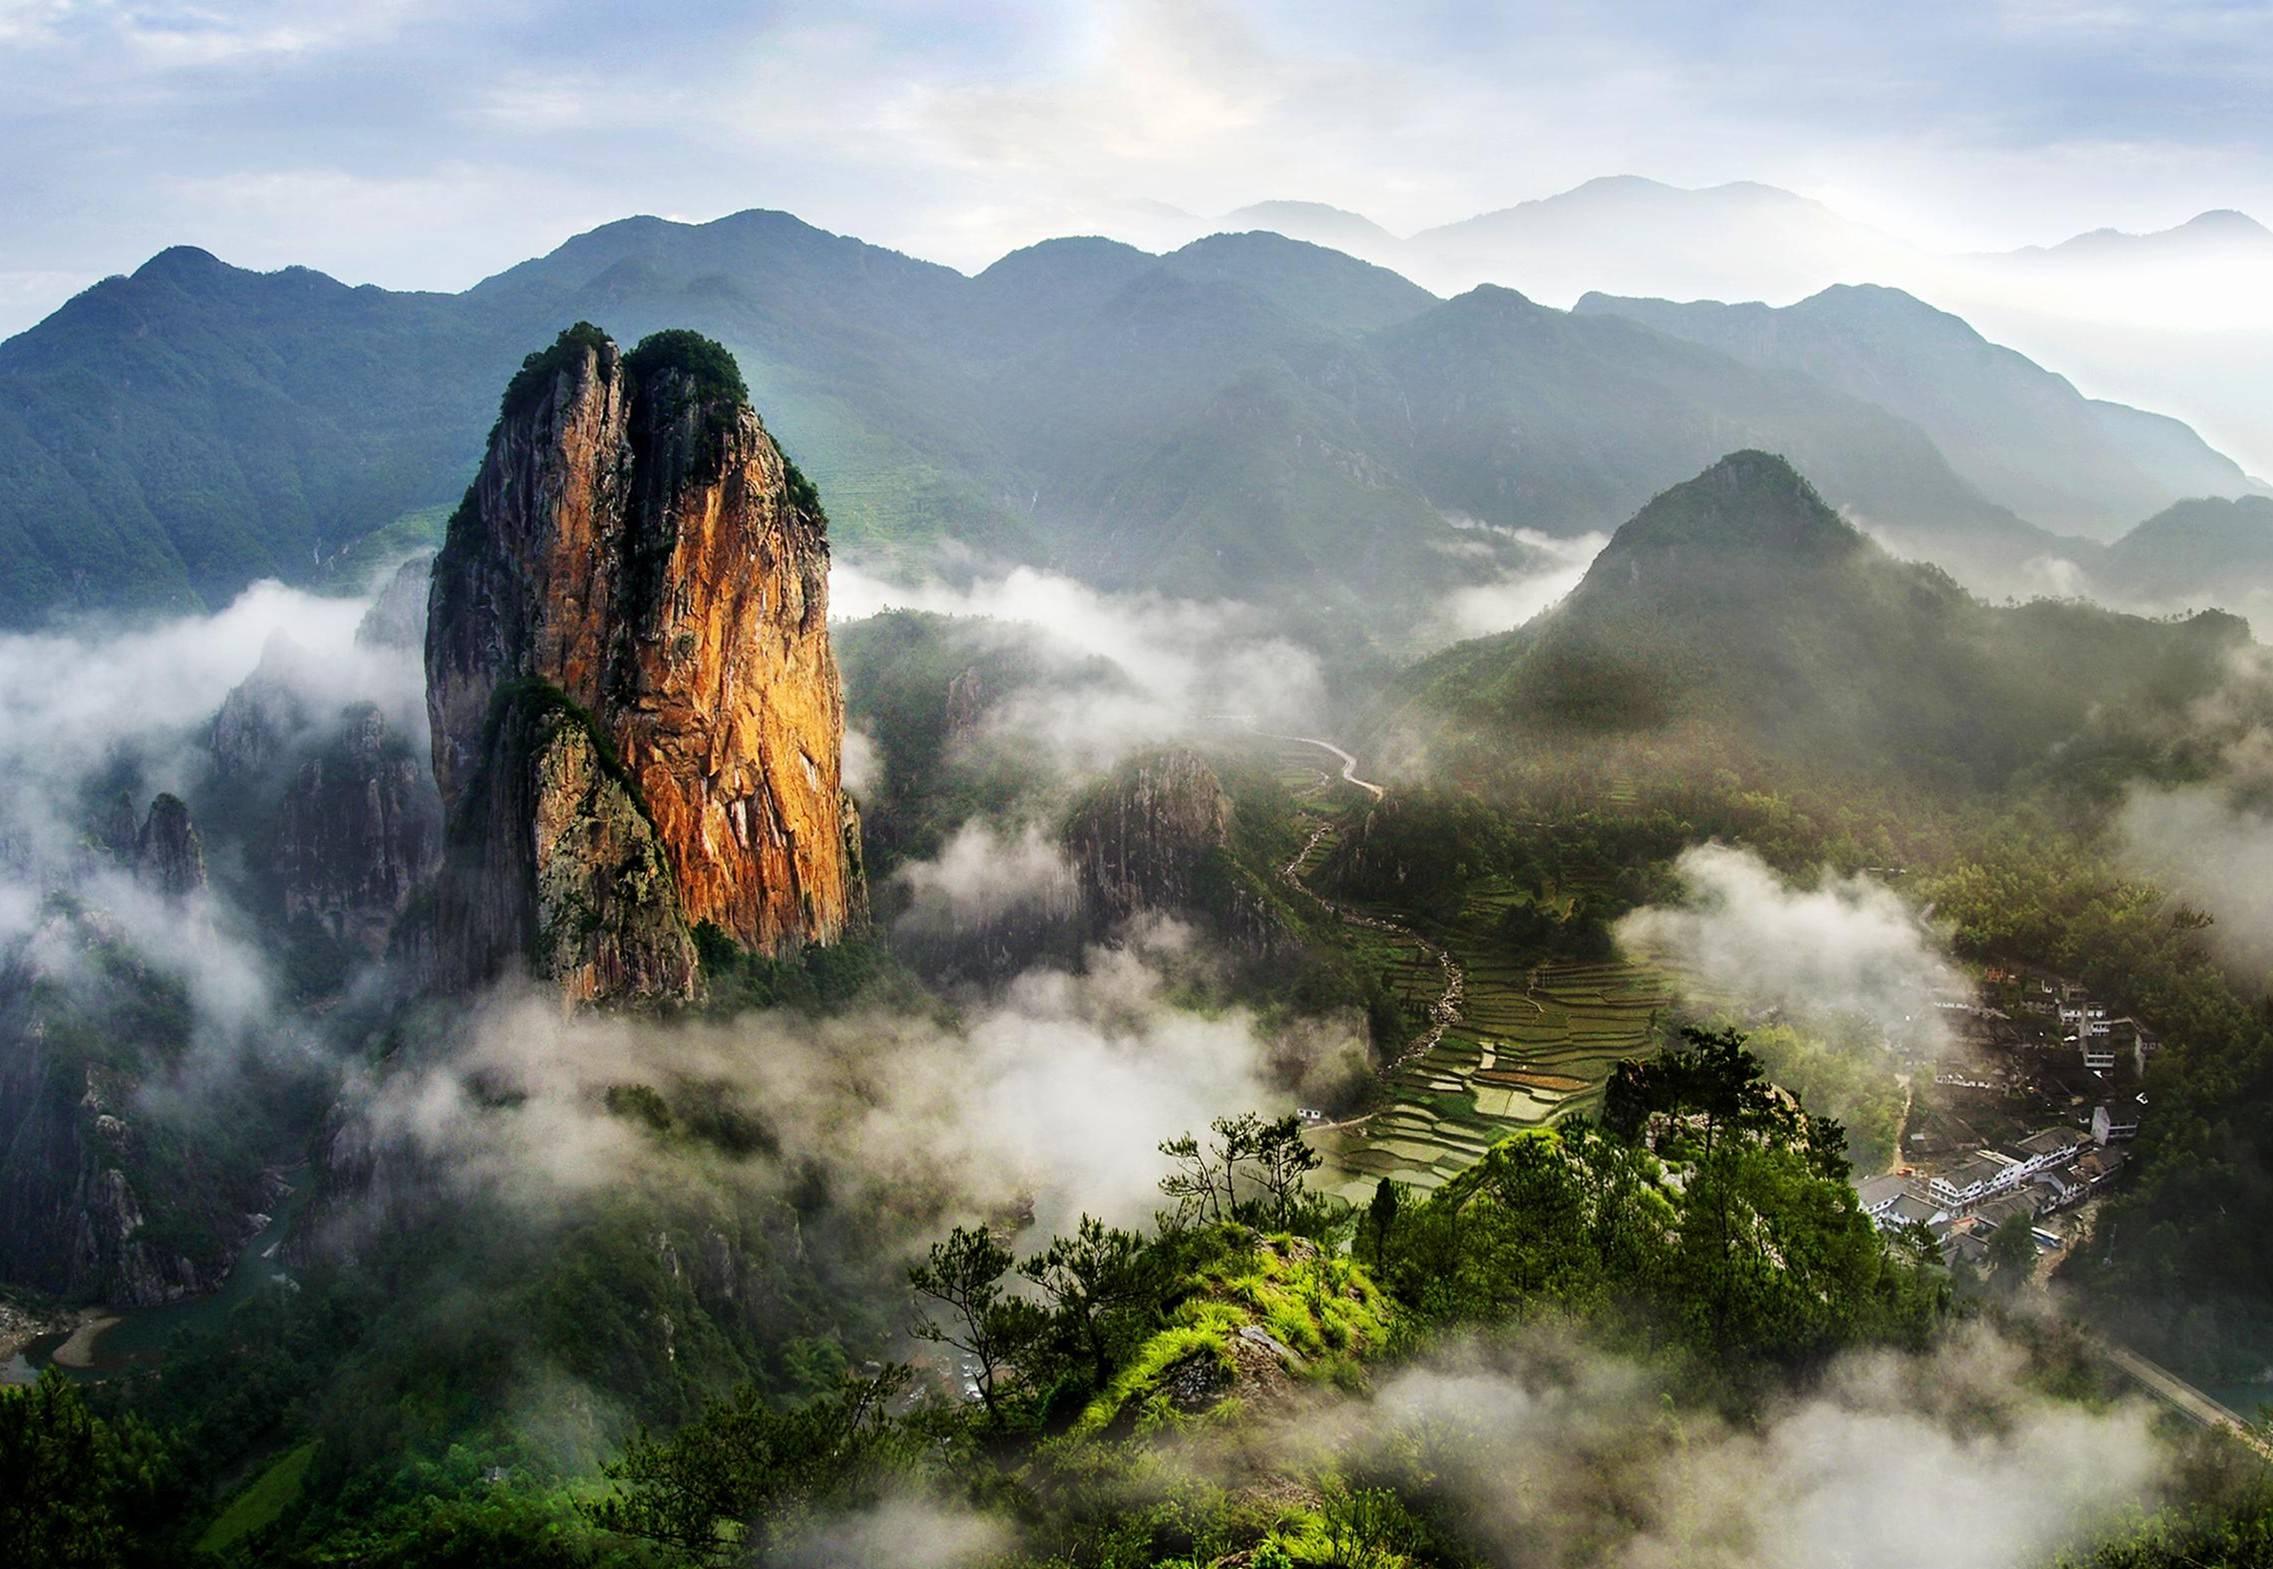 哈尔滨到温州雁荡山6日游_温州旅游景点介绍_雁荡山景区好吗